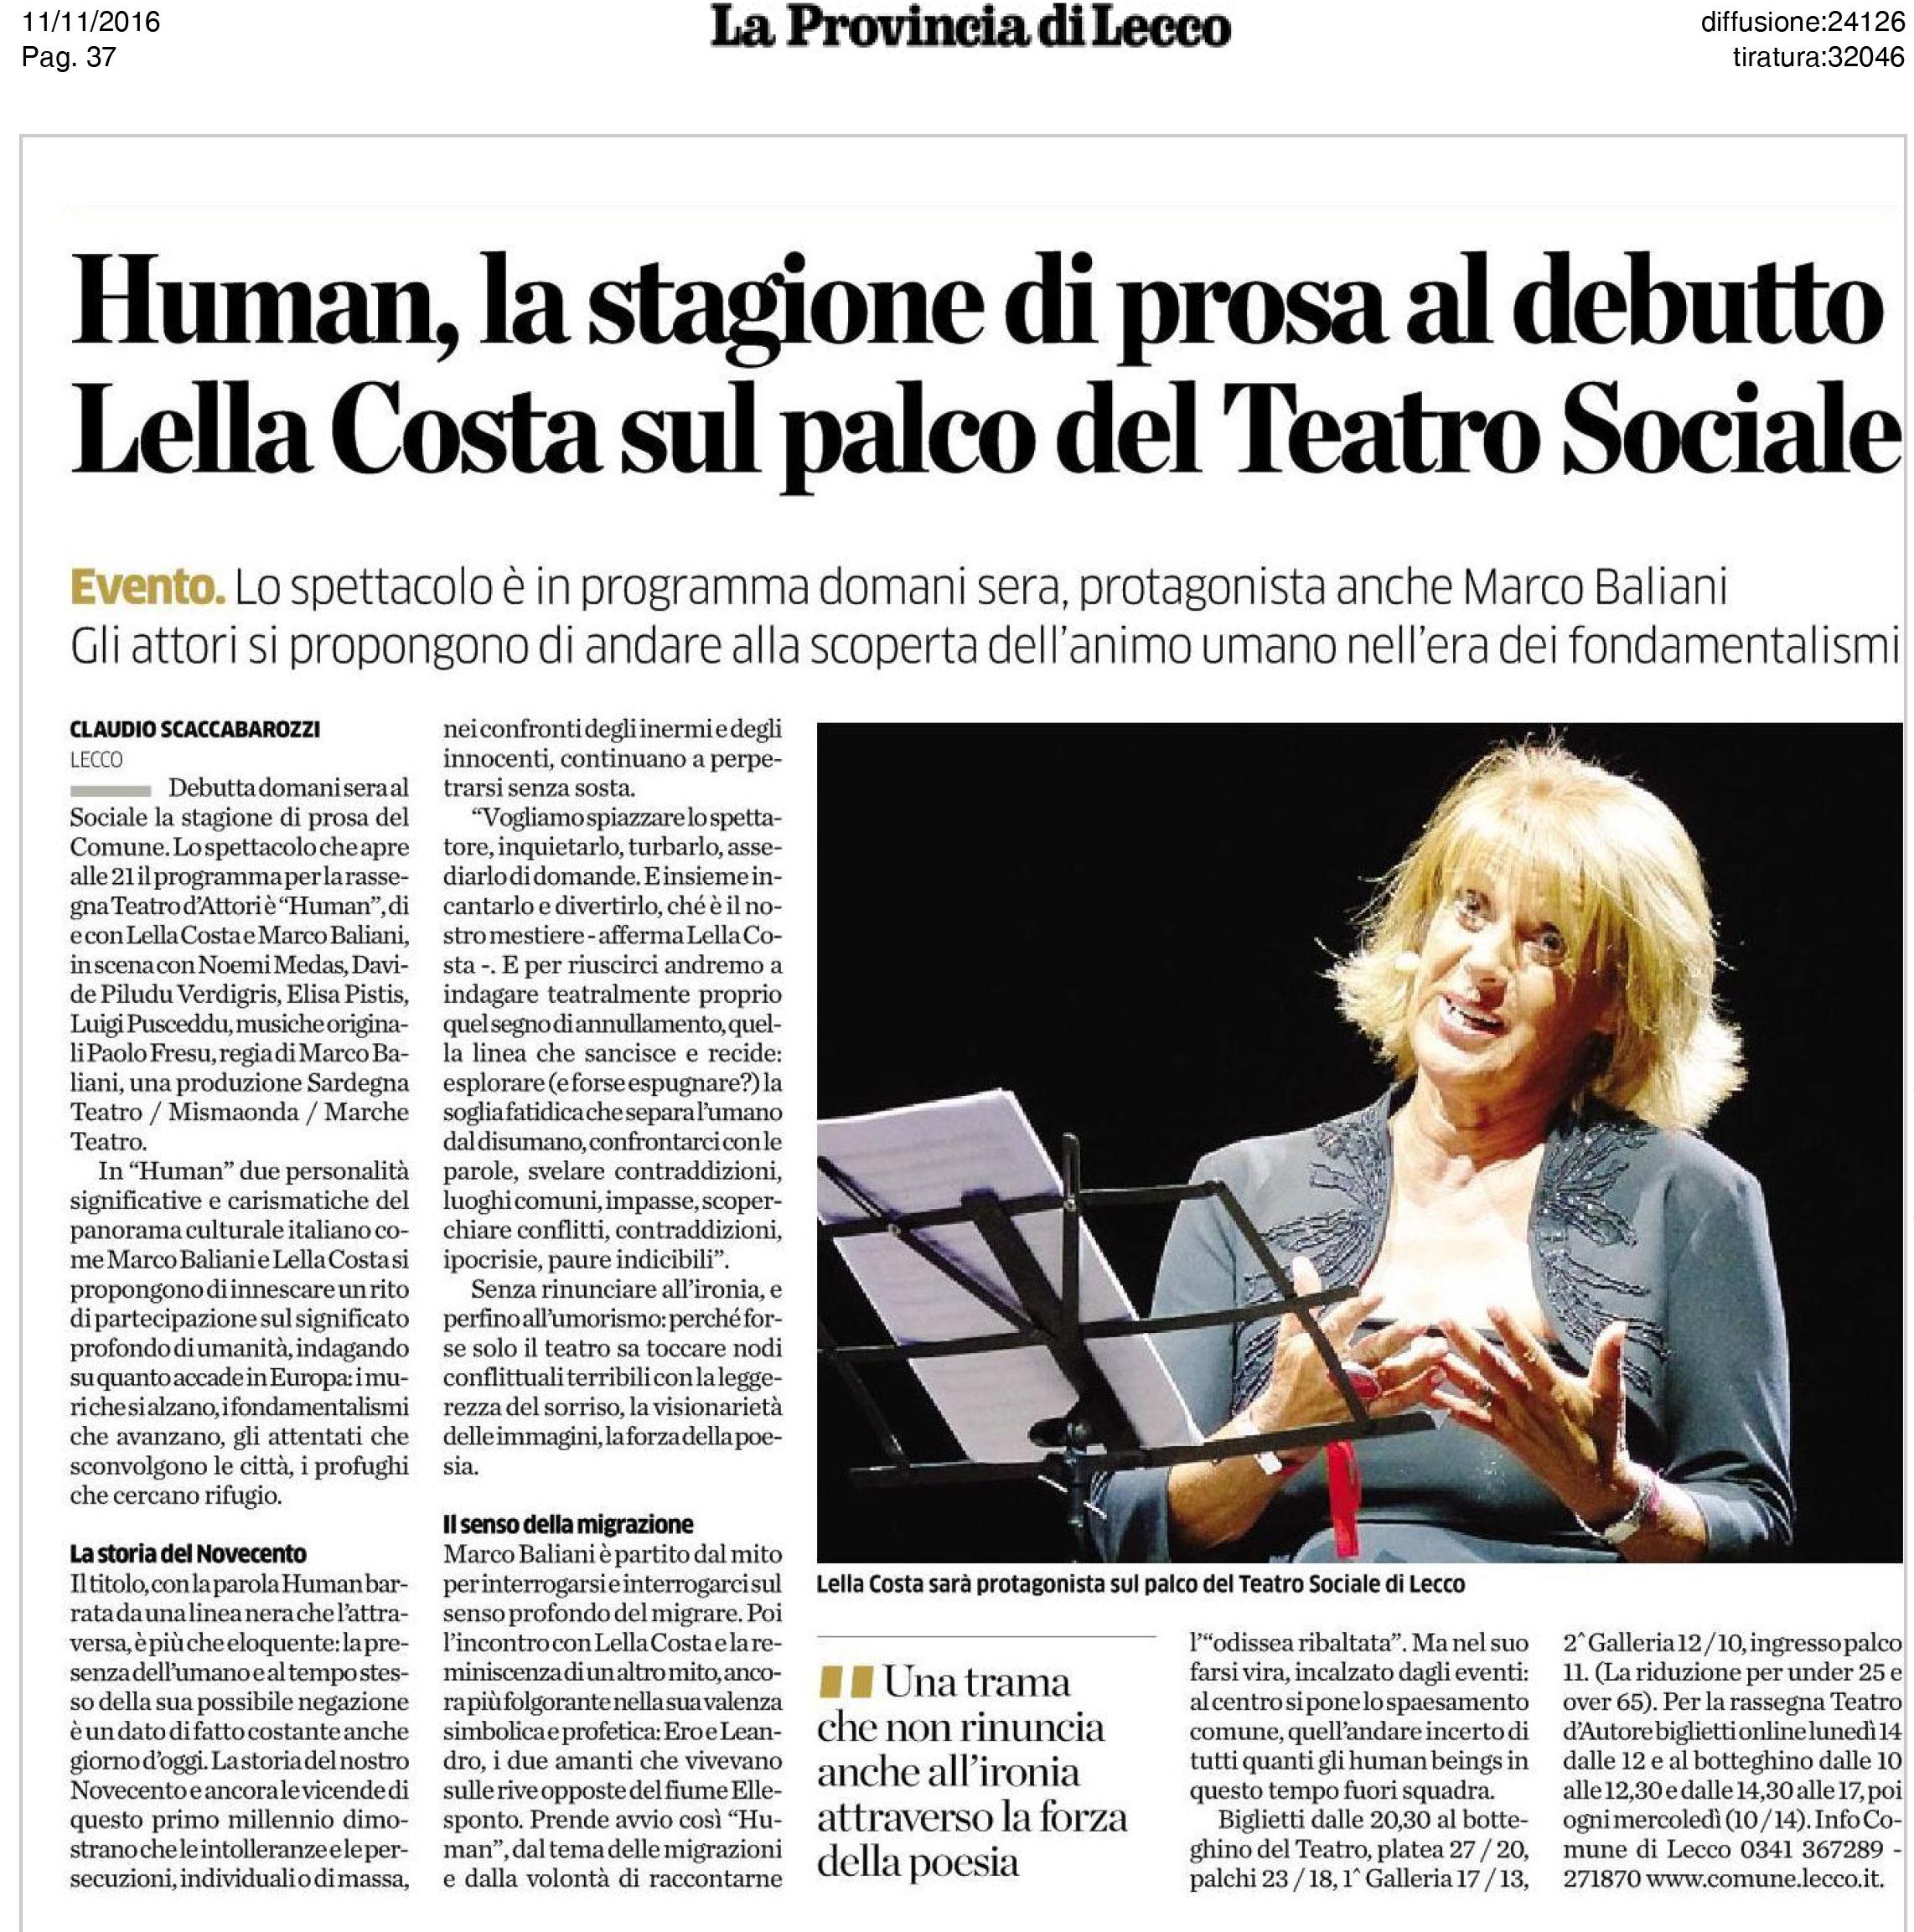 20161111_himan-la-stagione-di-prosa-al-debutto-lella-costa-sul-palco-del-teatro-sociale_la-provincia-di-lecco